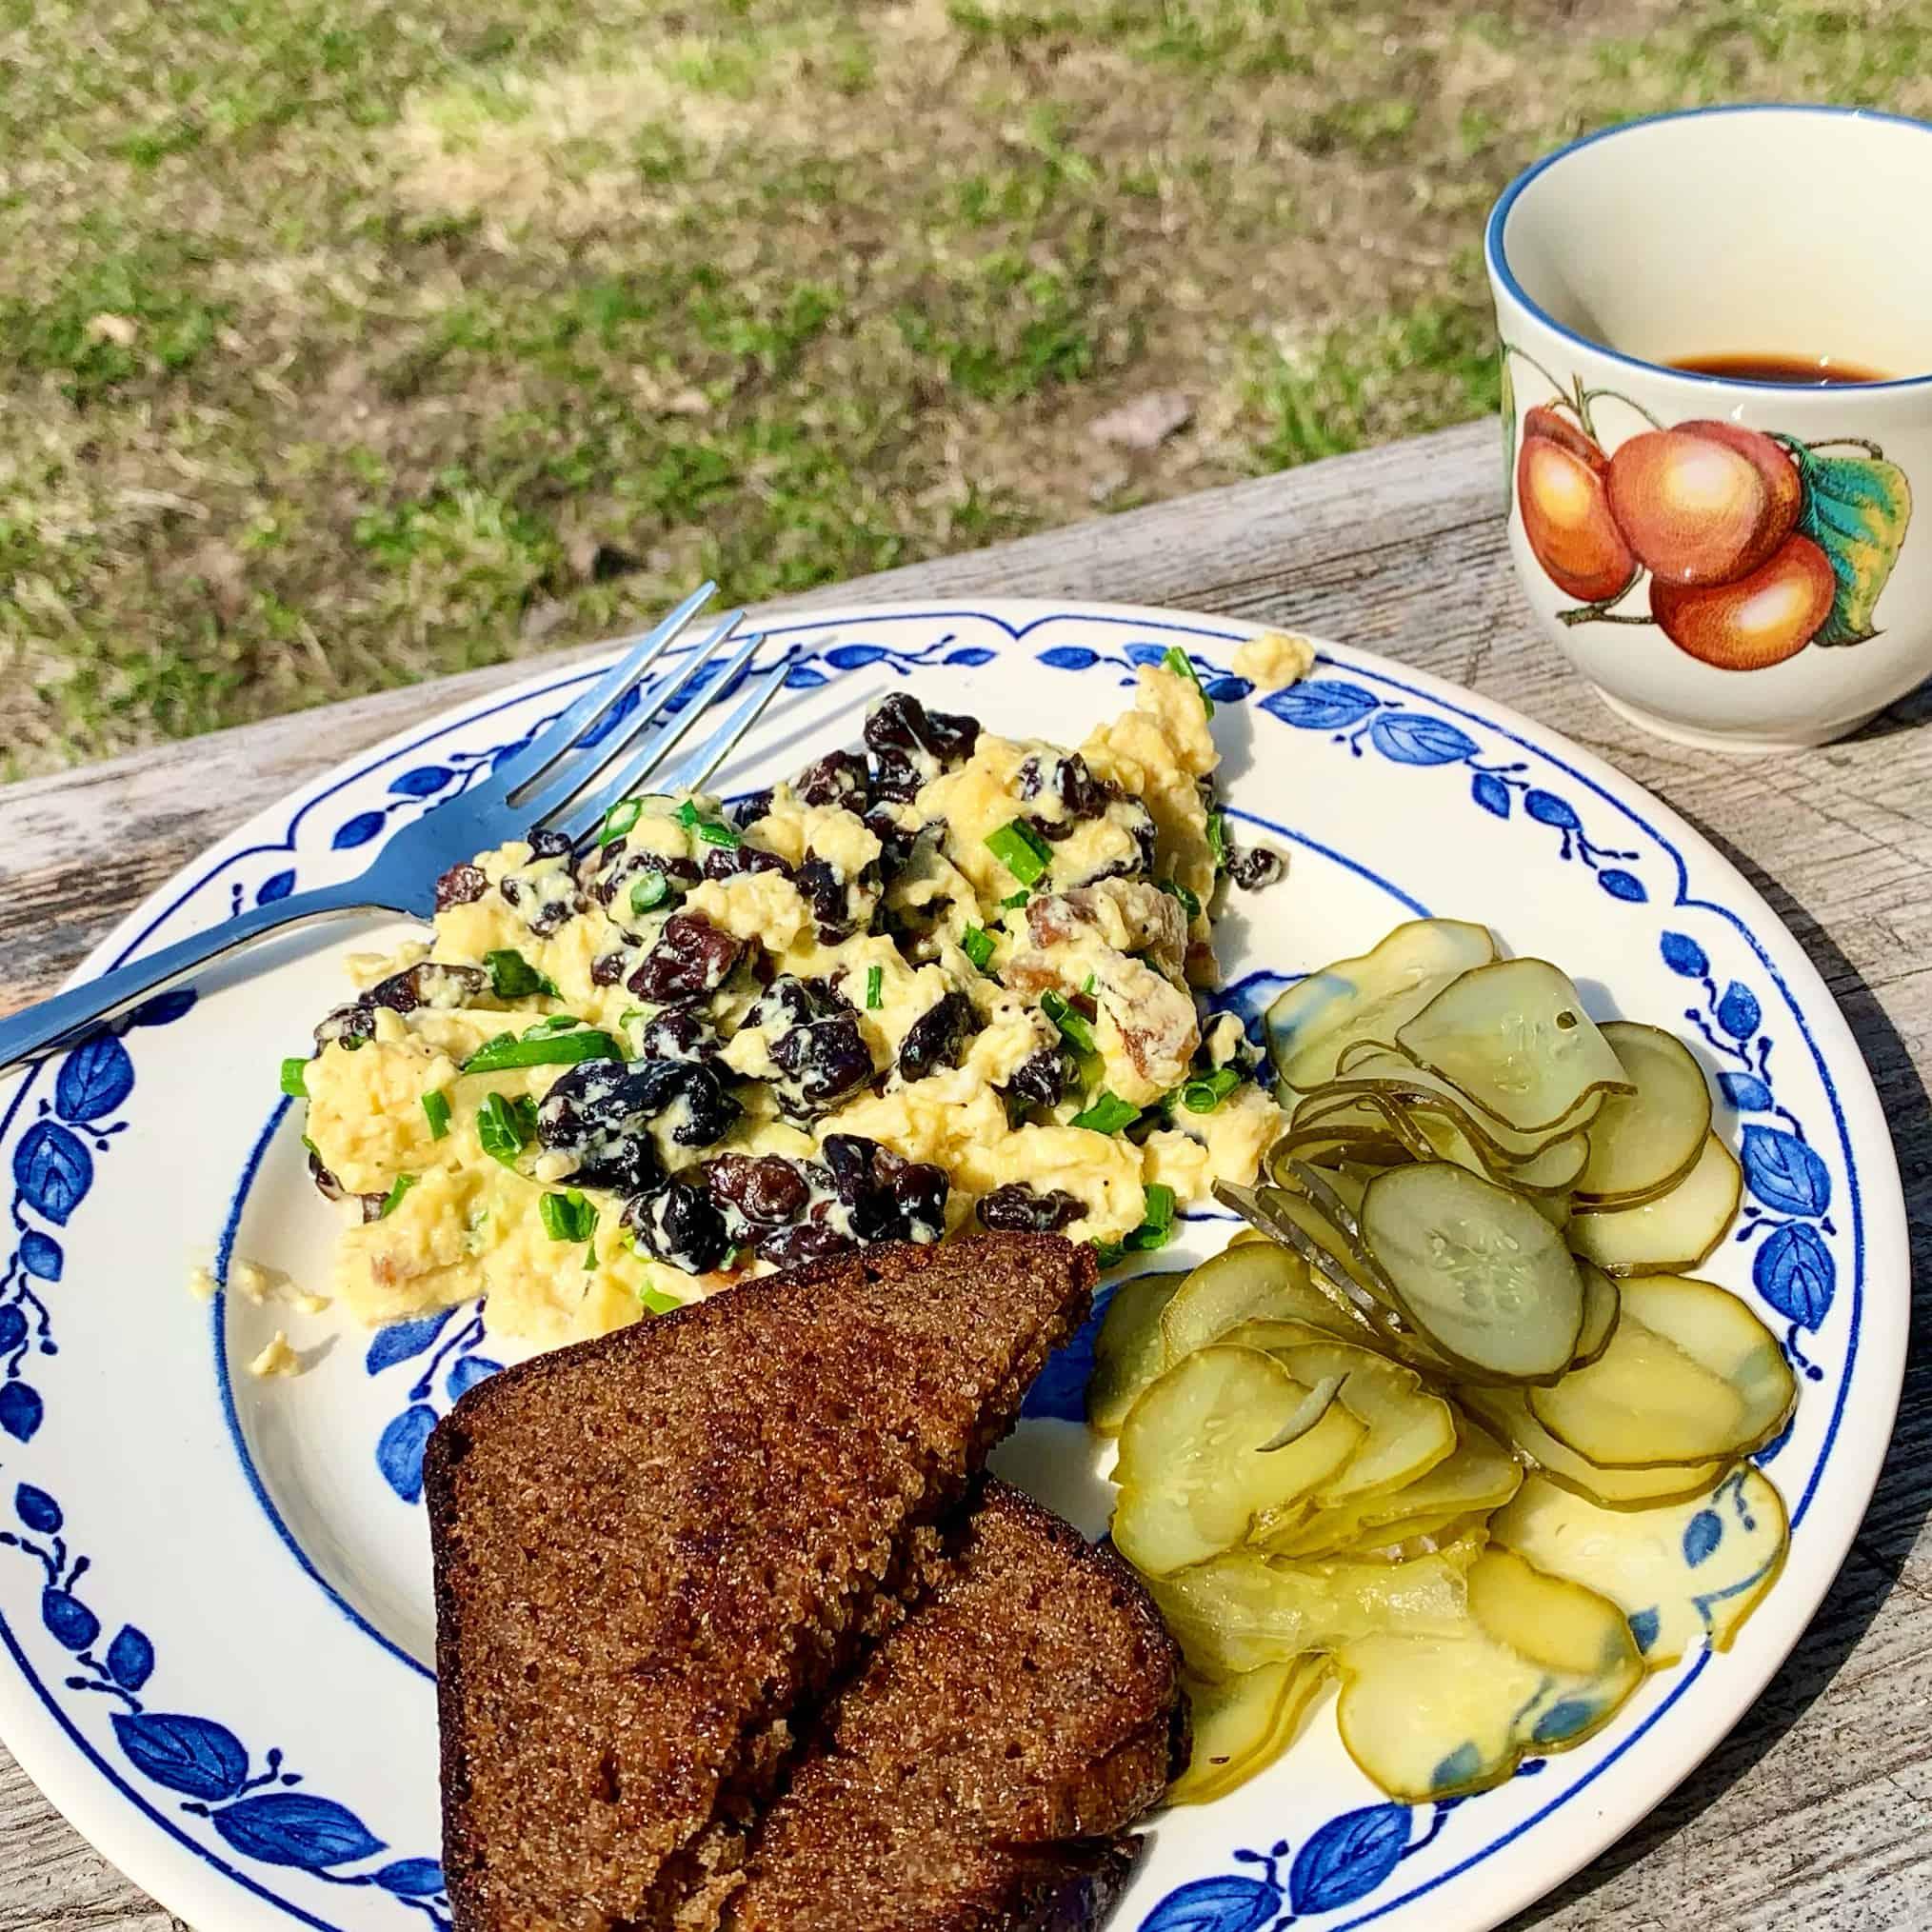 Pusryčiai - kiaušinienė su bobausiais